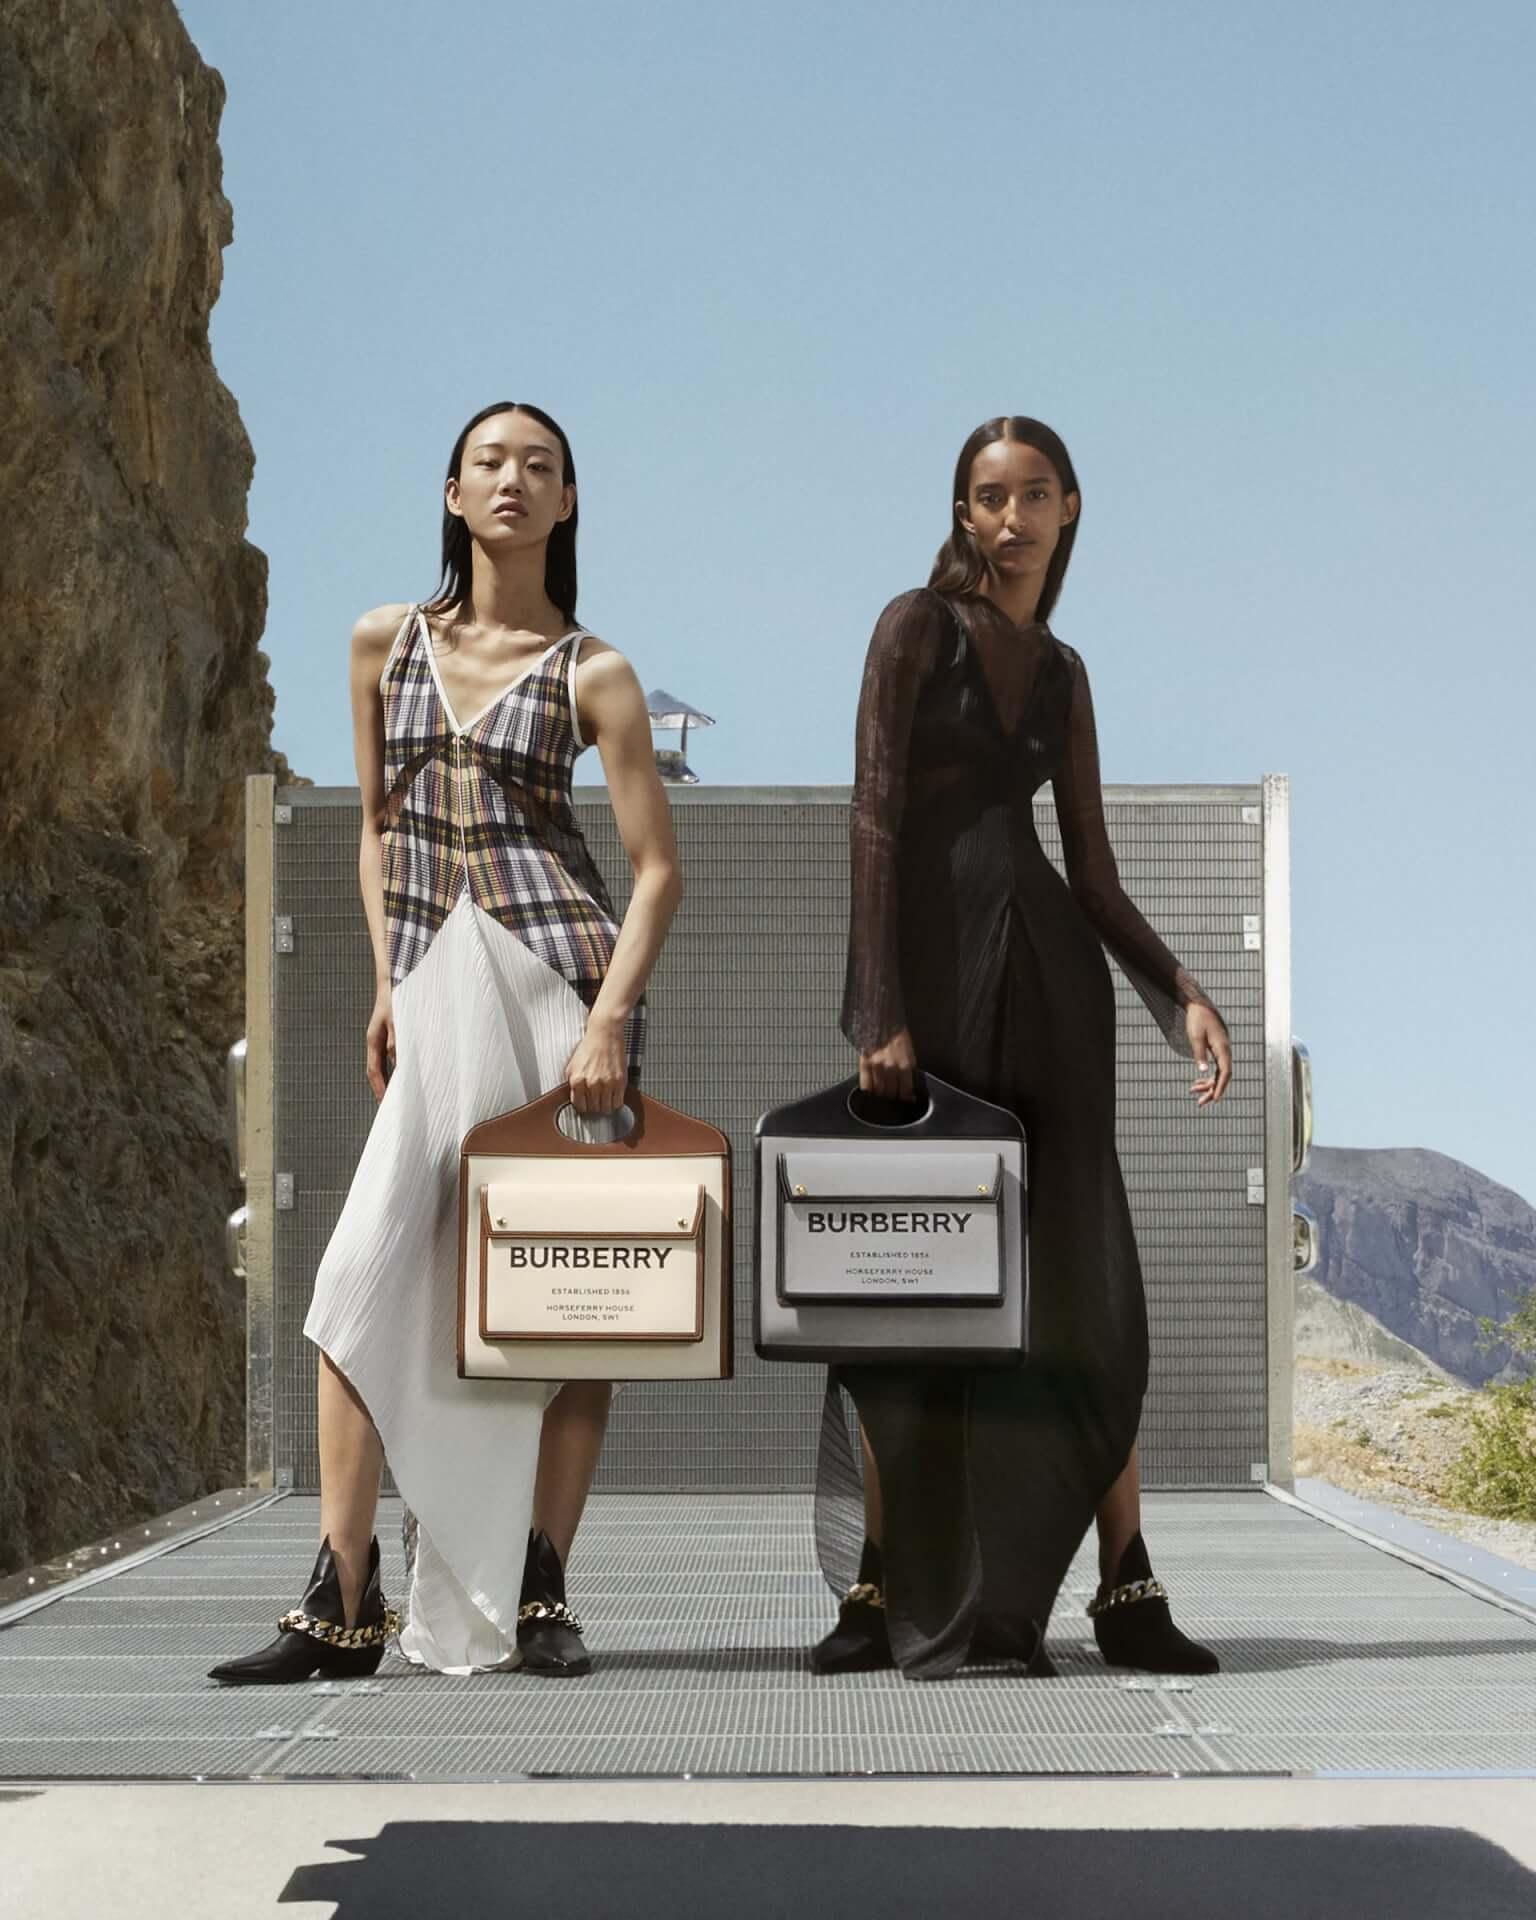 バーバリー2020年秋冬コレクションのキャンペーンが公開!マリアカルラ・ボスコーノやモナ・トゥガードらを起用 fashion2020924-Burberry2